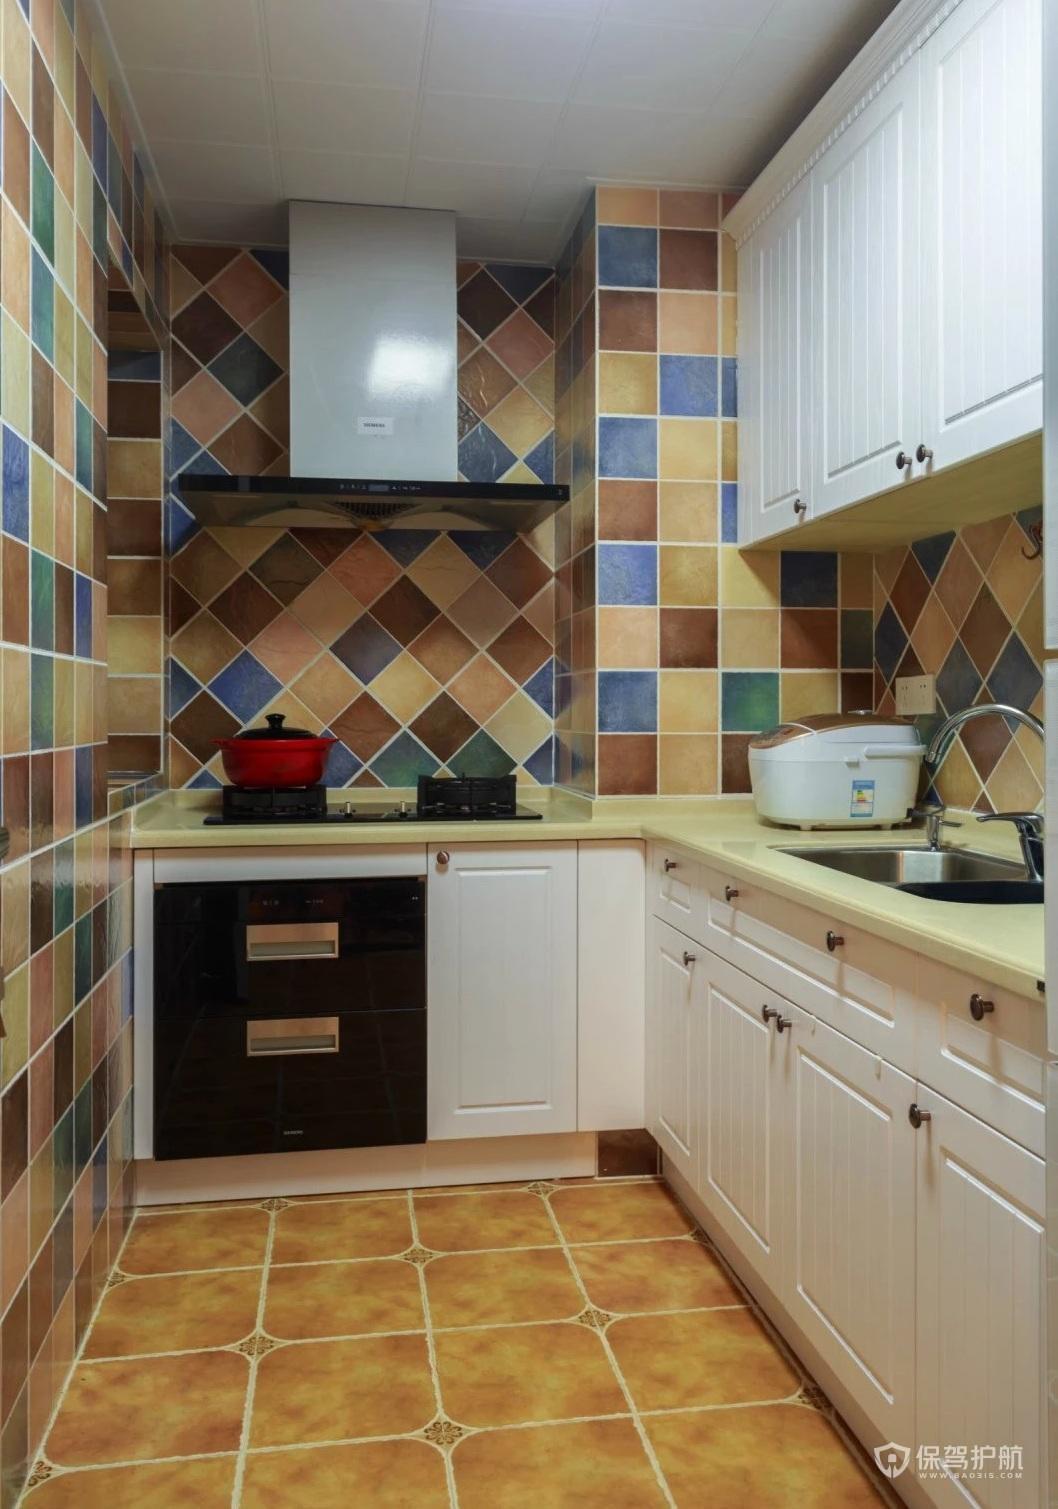 美式风格瓷砖颜色怎么搭配?瓷砖选购技巧有哪些?